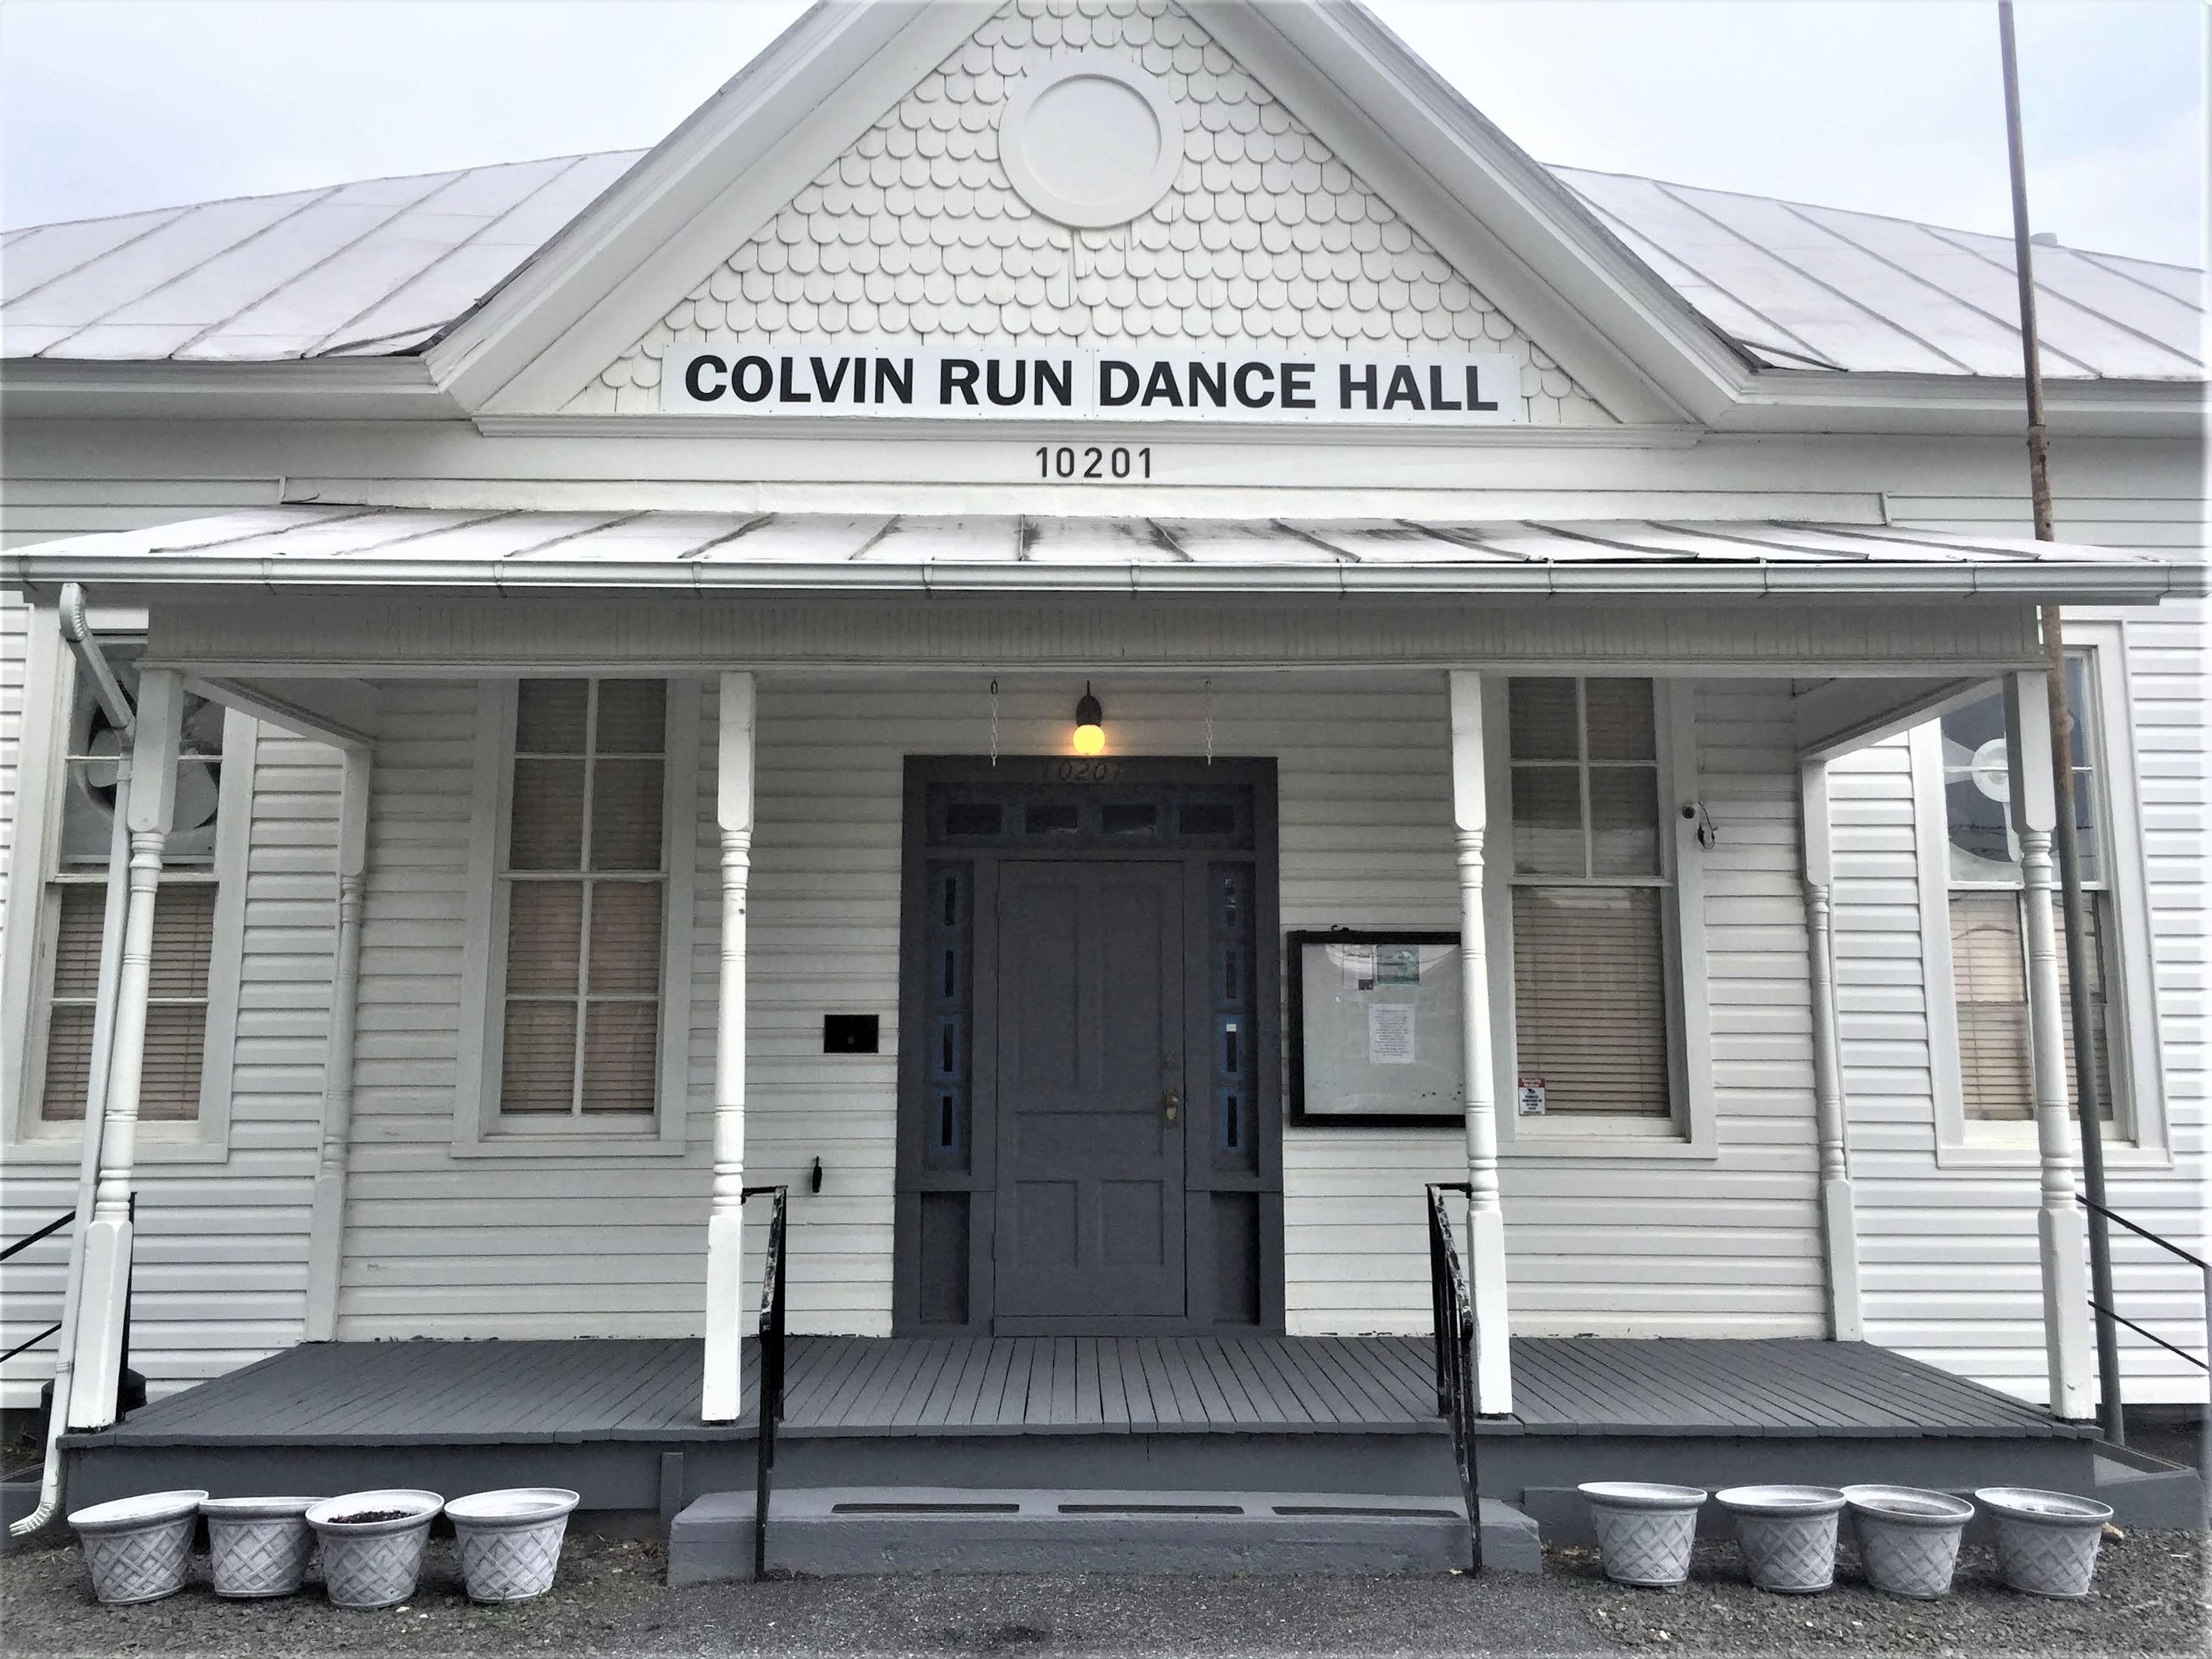 Colvin Run